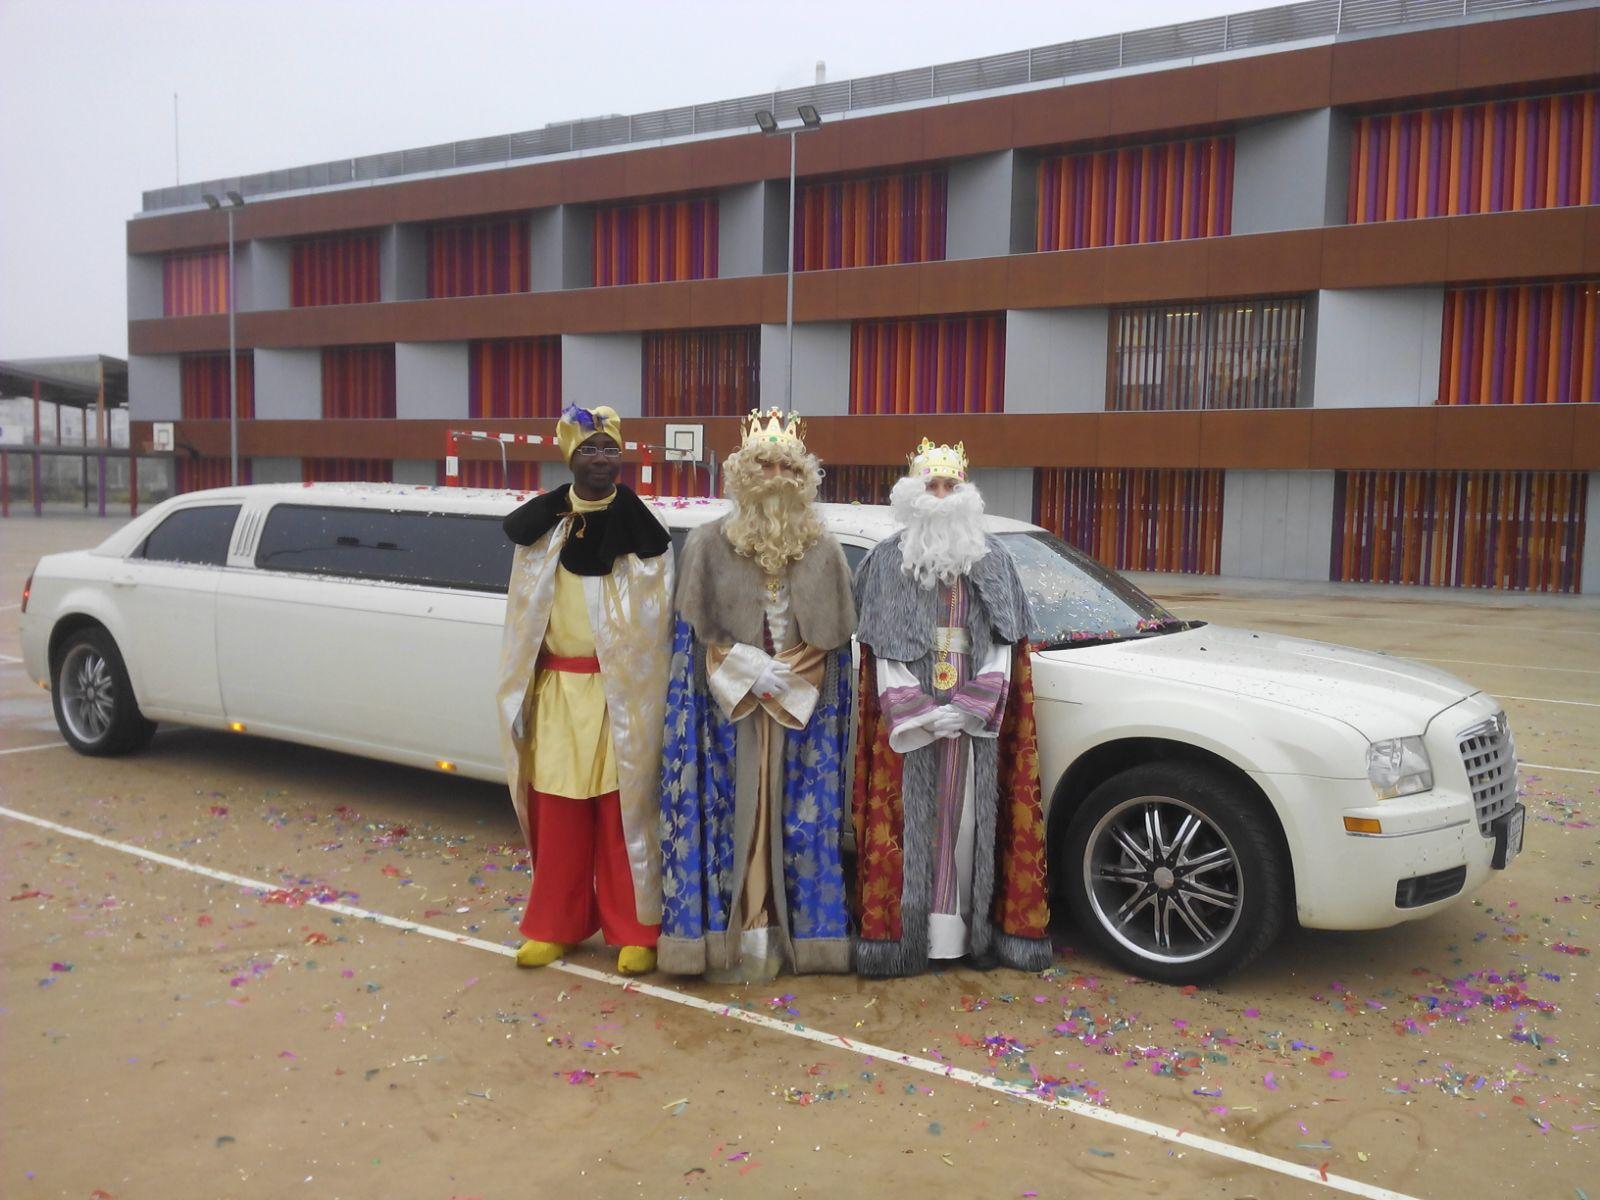 Rosalinos La Visita De Los Reyes Magos Nosotros los guapos reyes magos. rosalinos blogger